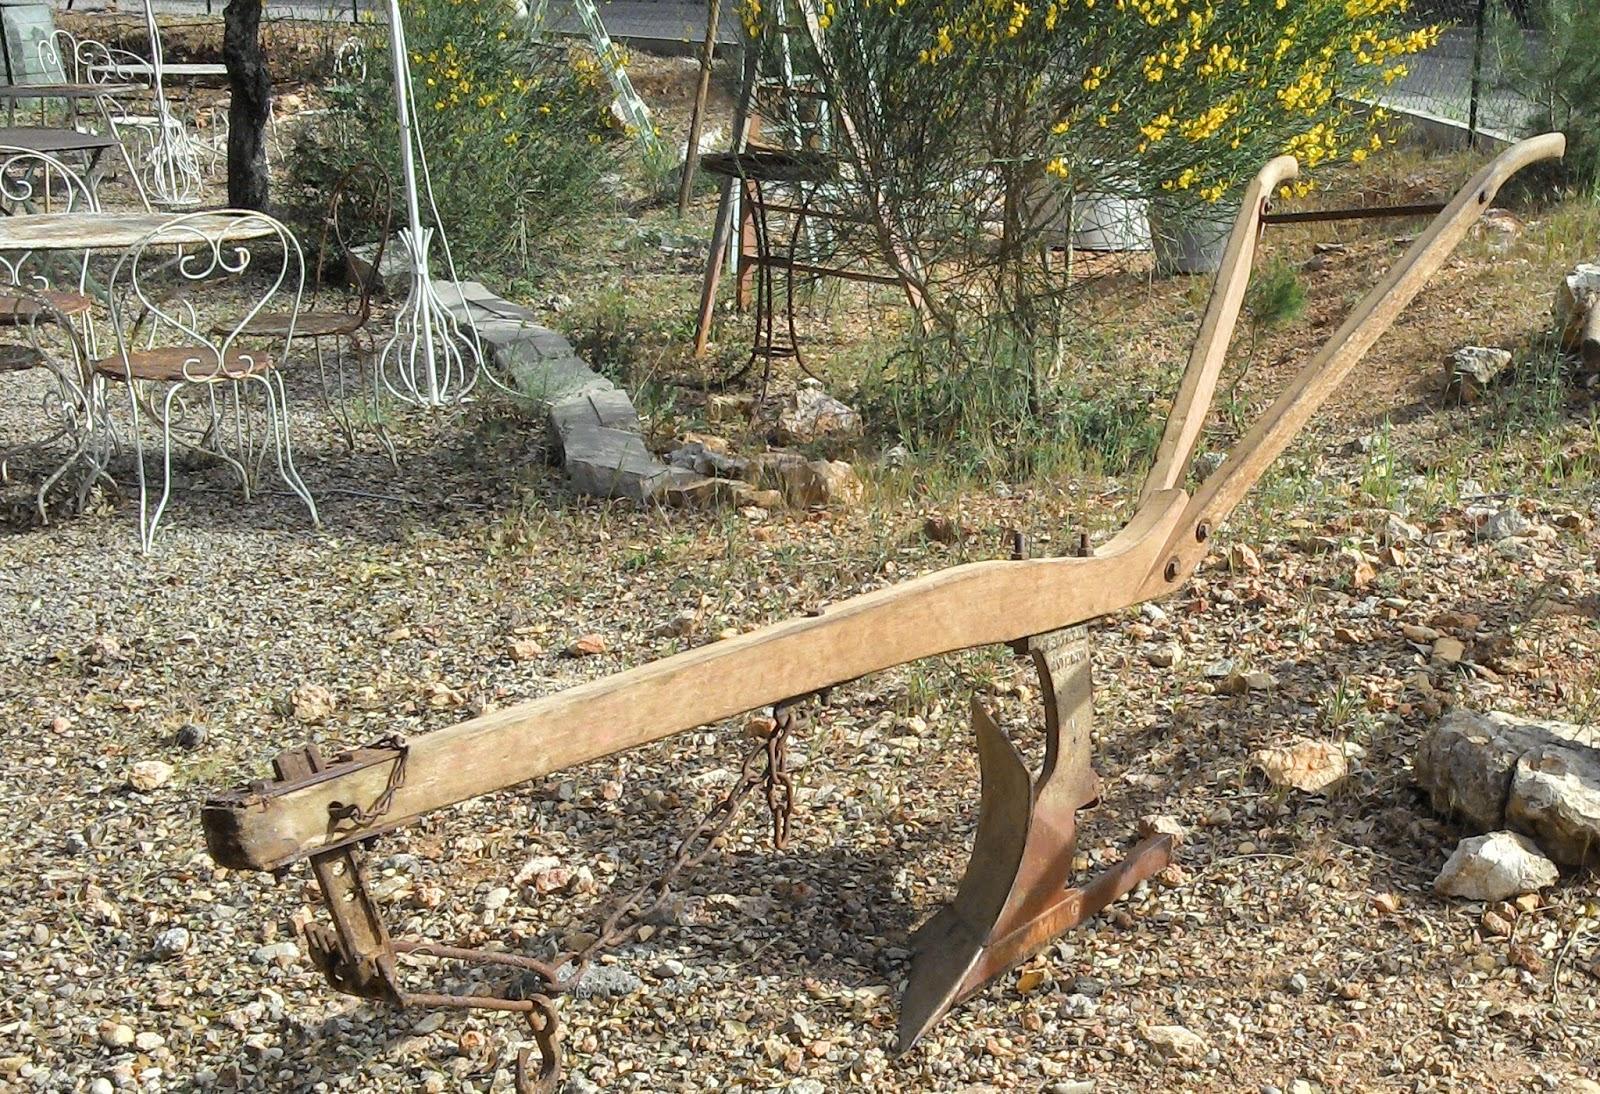 Ancienne charrue art populaire déco jardin provençal campagne ...